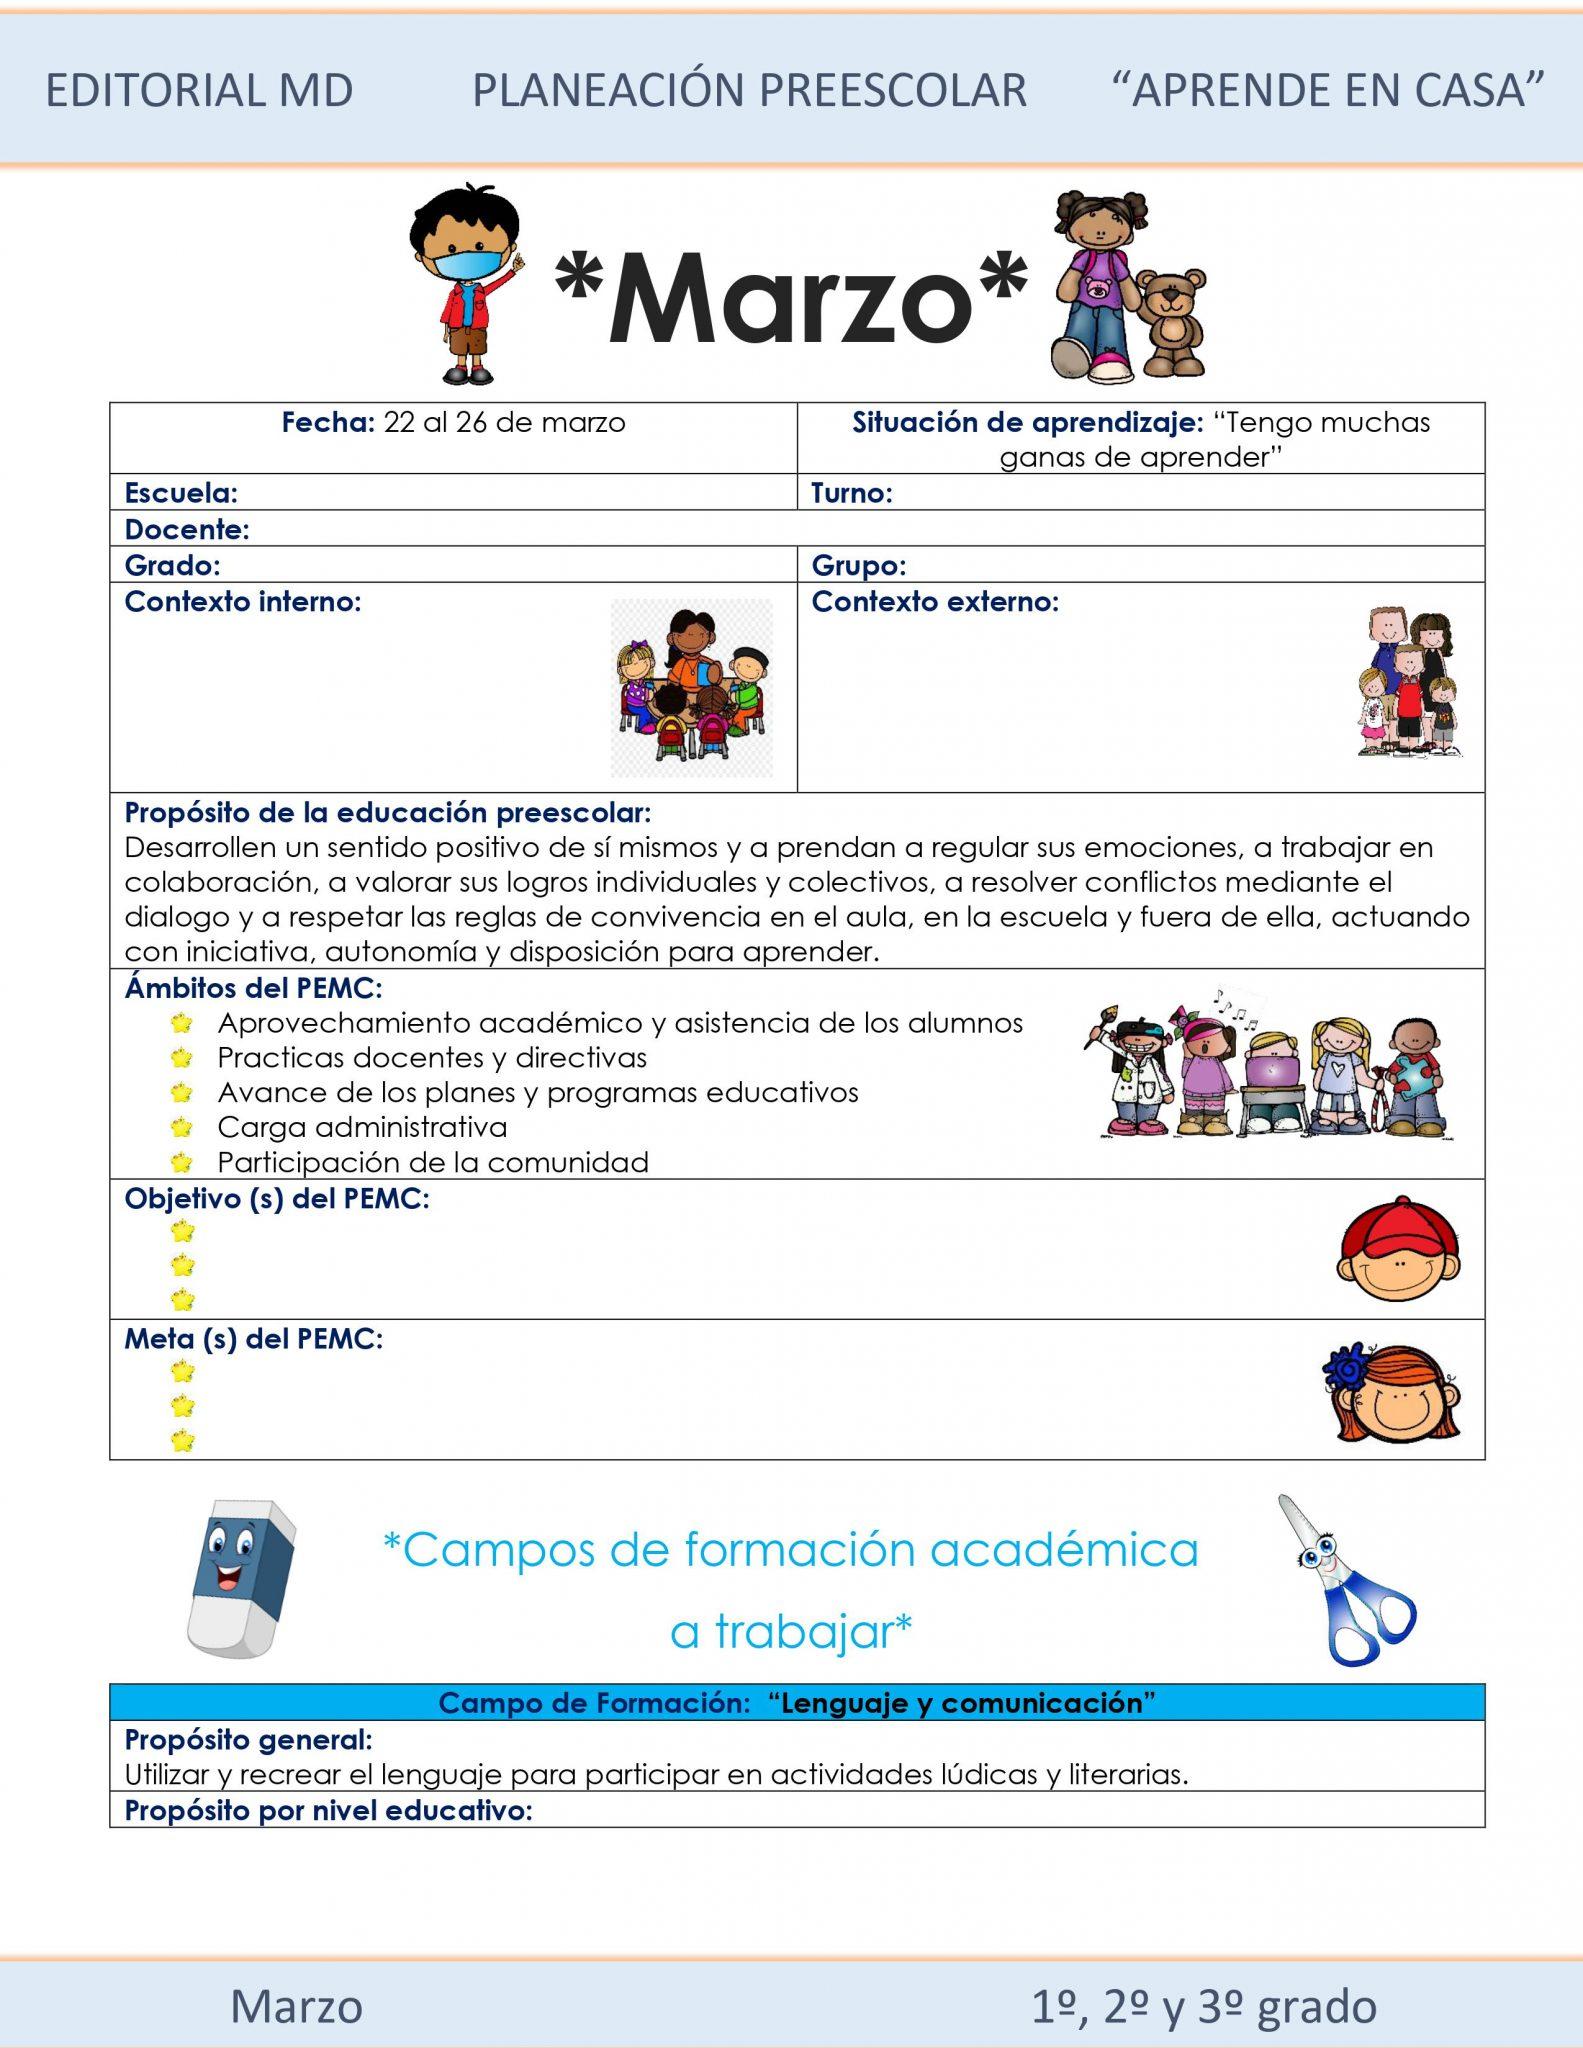 Ejemplo planeación Preescolardel 22 al 26 de Marzo del 2021 01